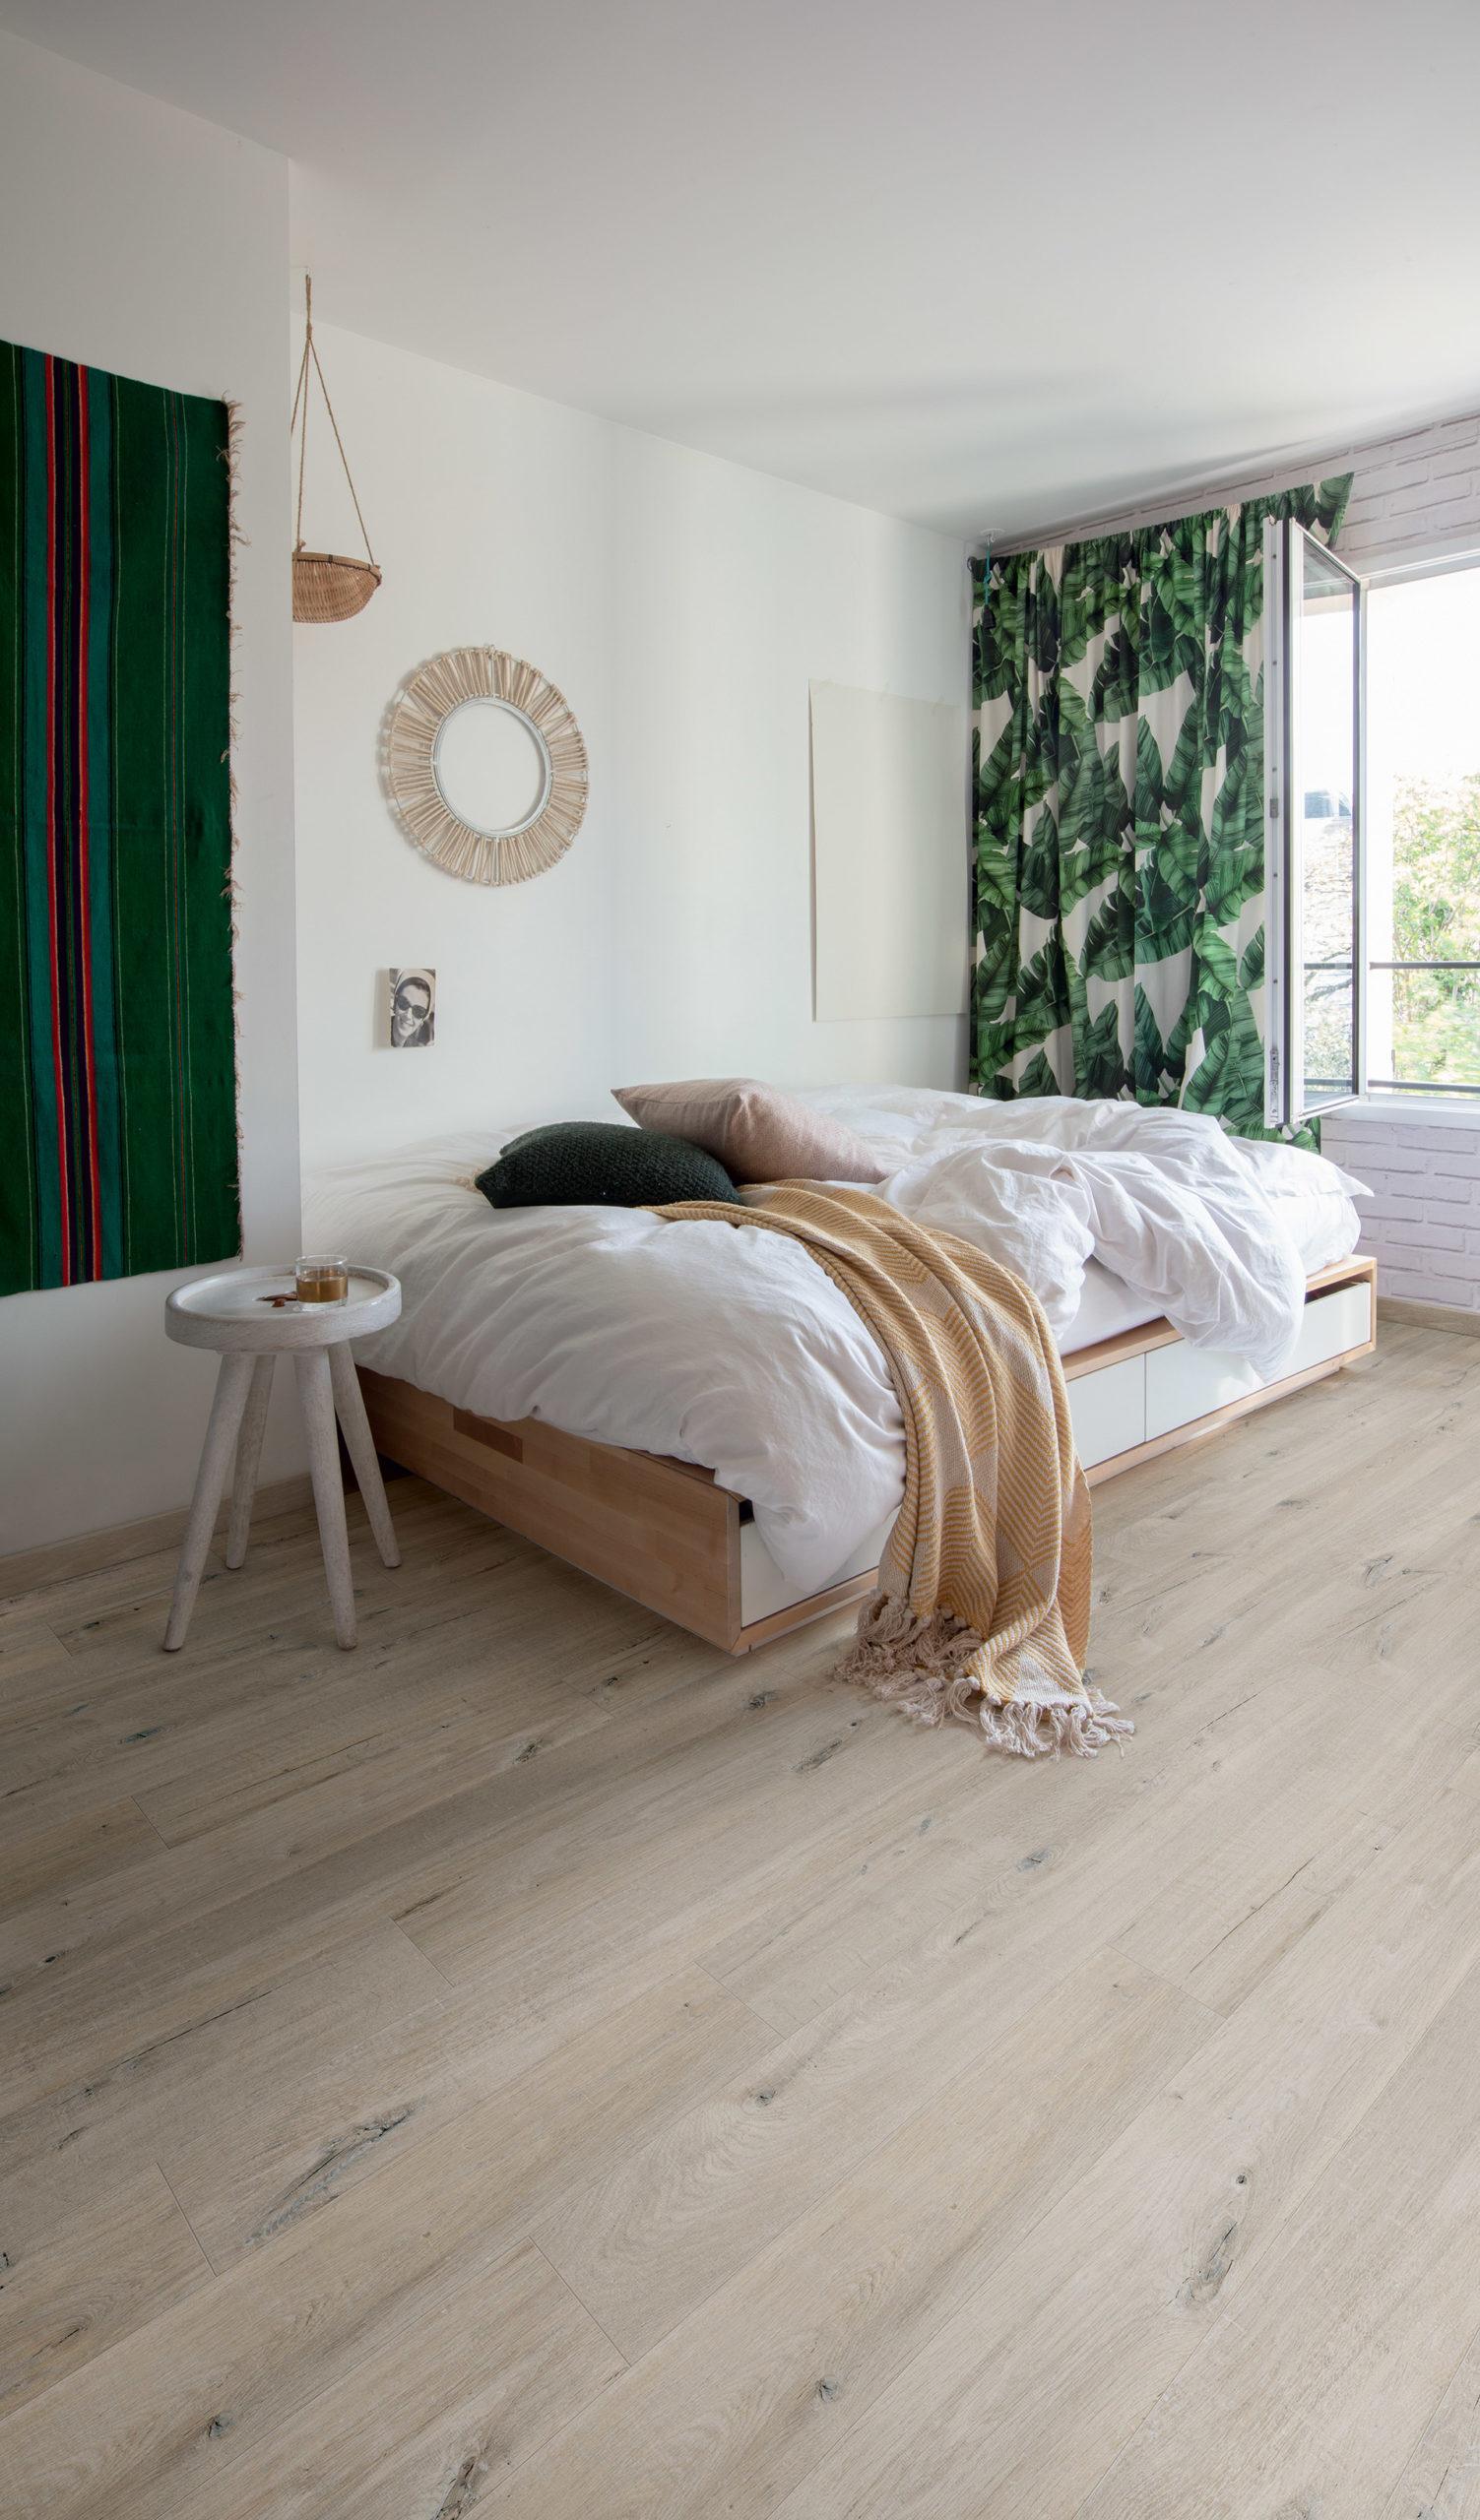 société revêtements de sol, parquet flottant ou collé, Soldirect, Lausanne